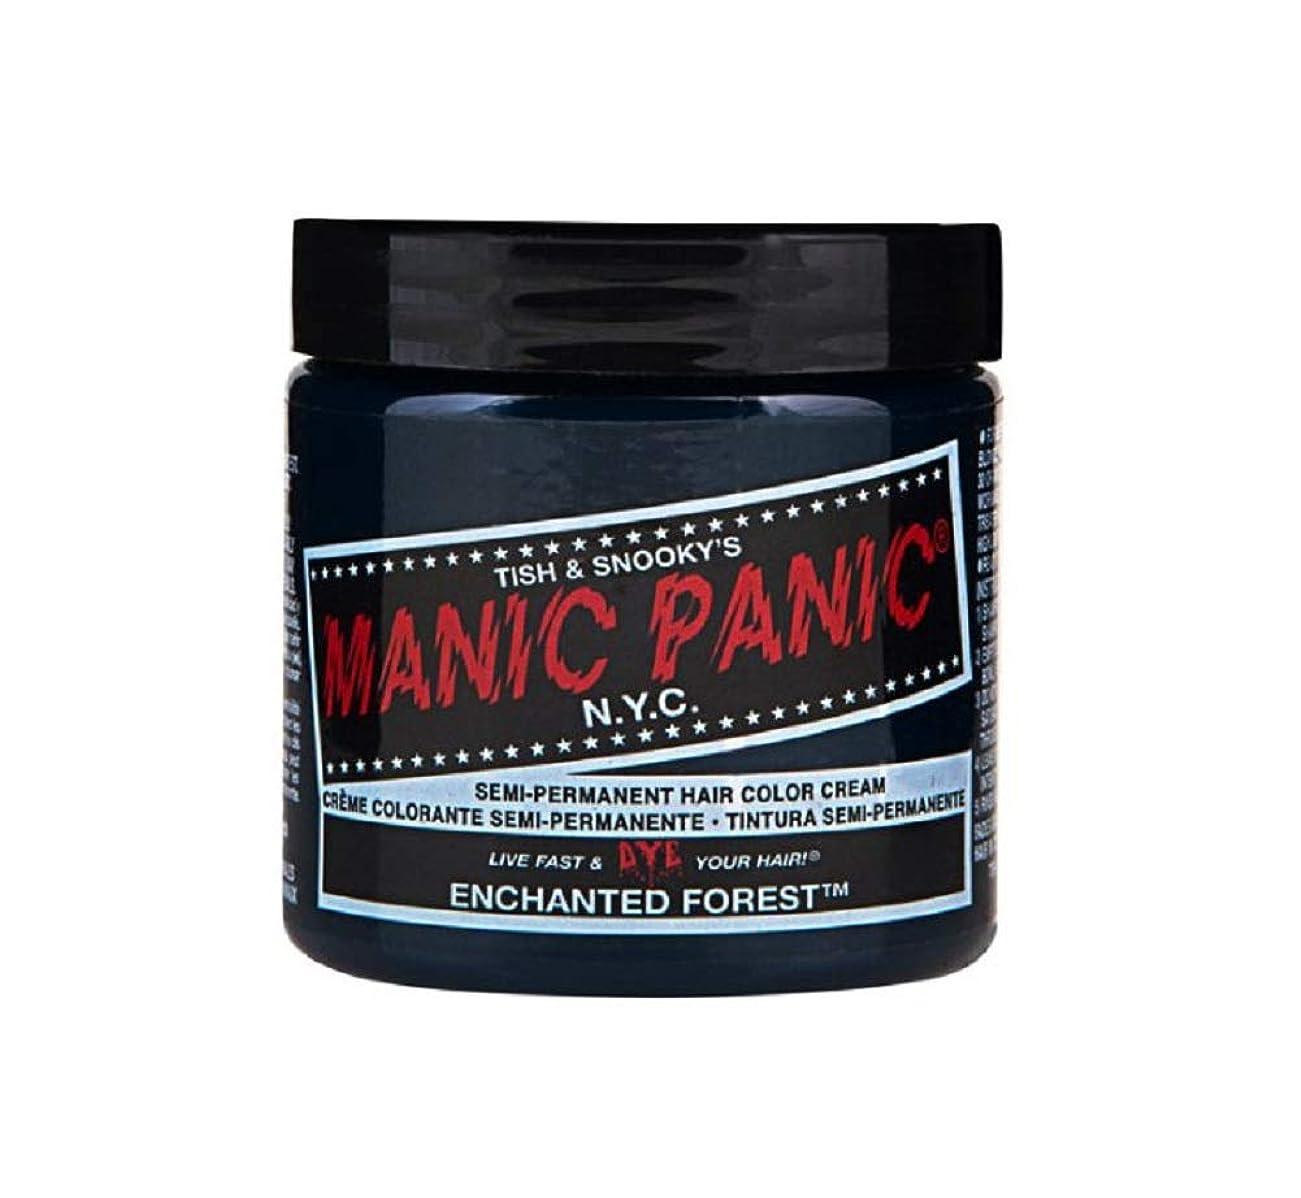 完全に私たち首尾一貫したマニックパニック MANIC PANIC ヘアカラー 118mlエンチャンティッドフォレスト ヘアーカラー